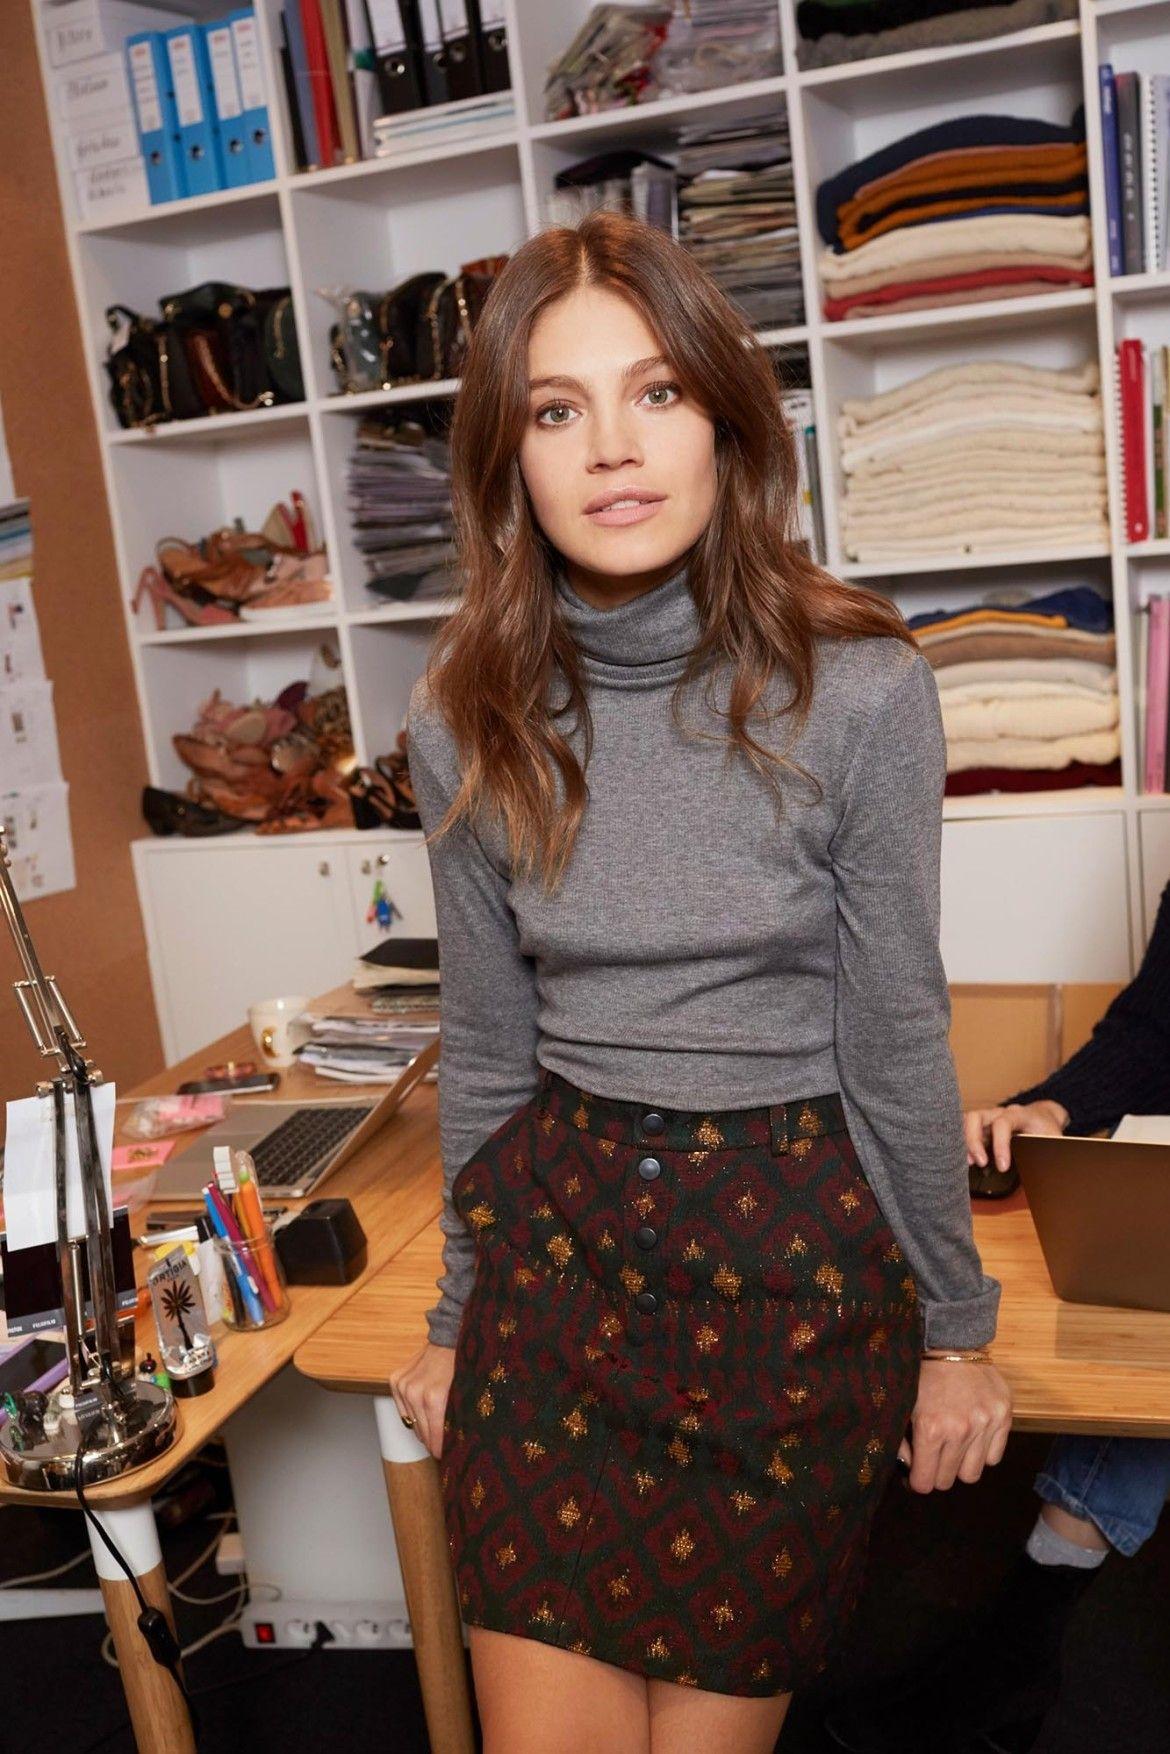 Épinglé par Amandine Martin sur MODE | Idées de mode, Été